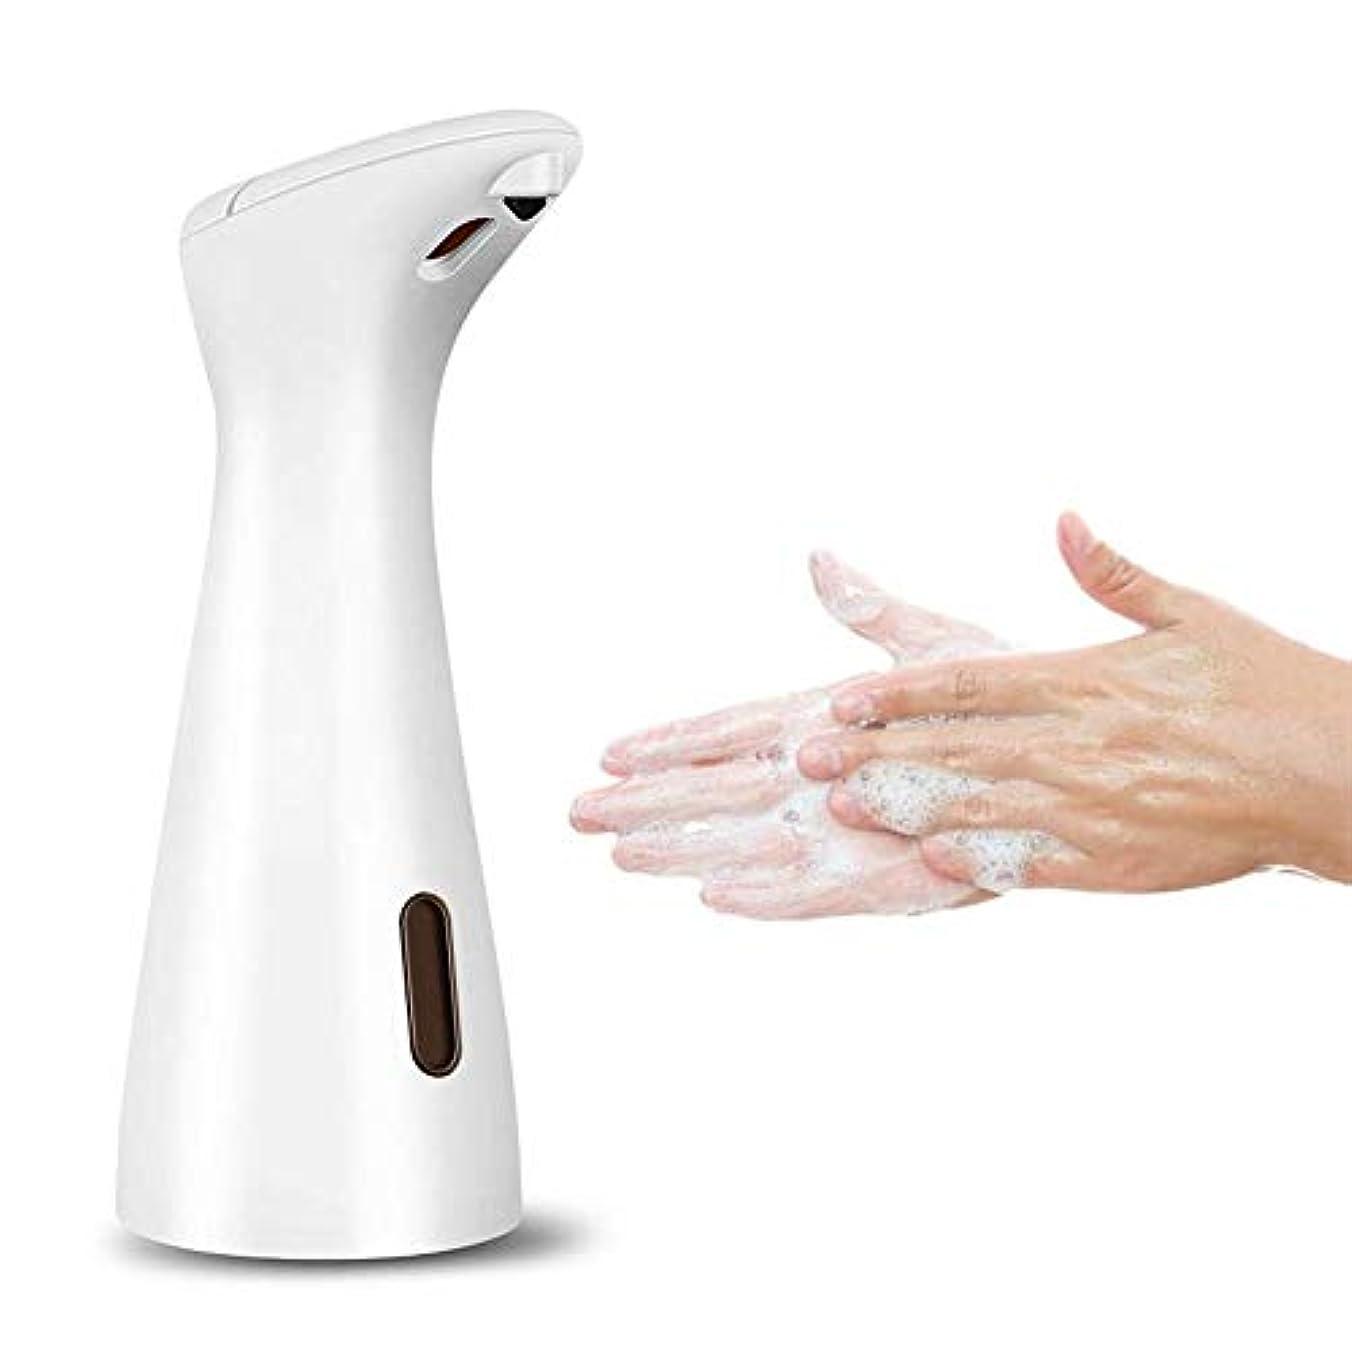 深い獲物変化200ミリリットルスマート自動泡ソープディスペンサー誘導発泡手洗い機ポータブル液体ソープディスペンサー浴室キッチンツール